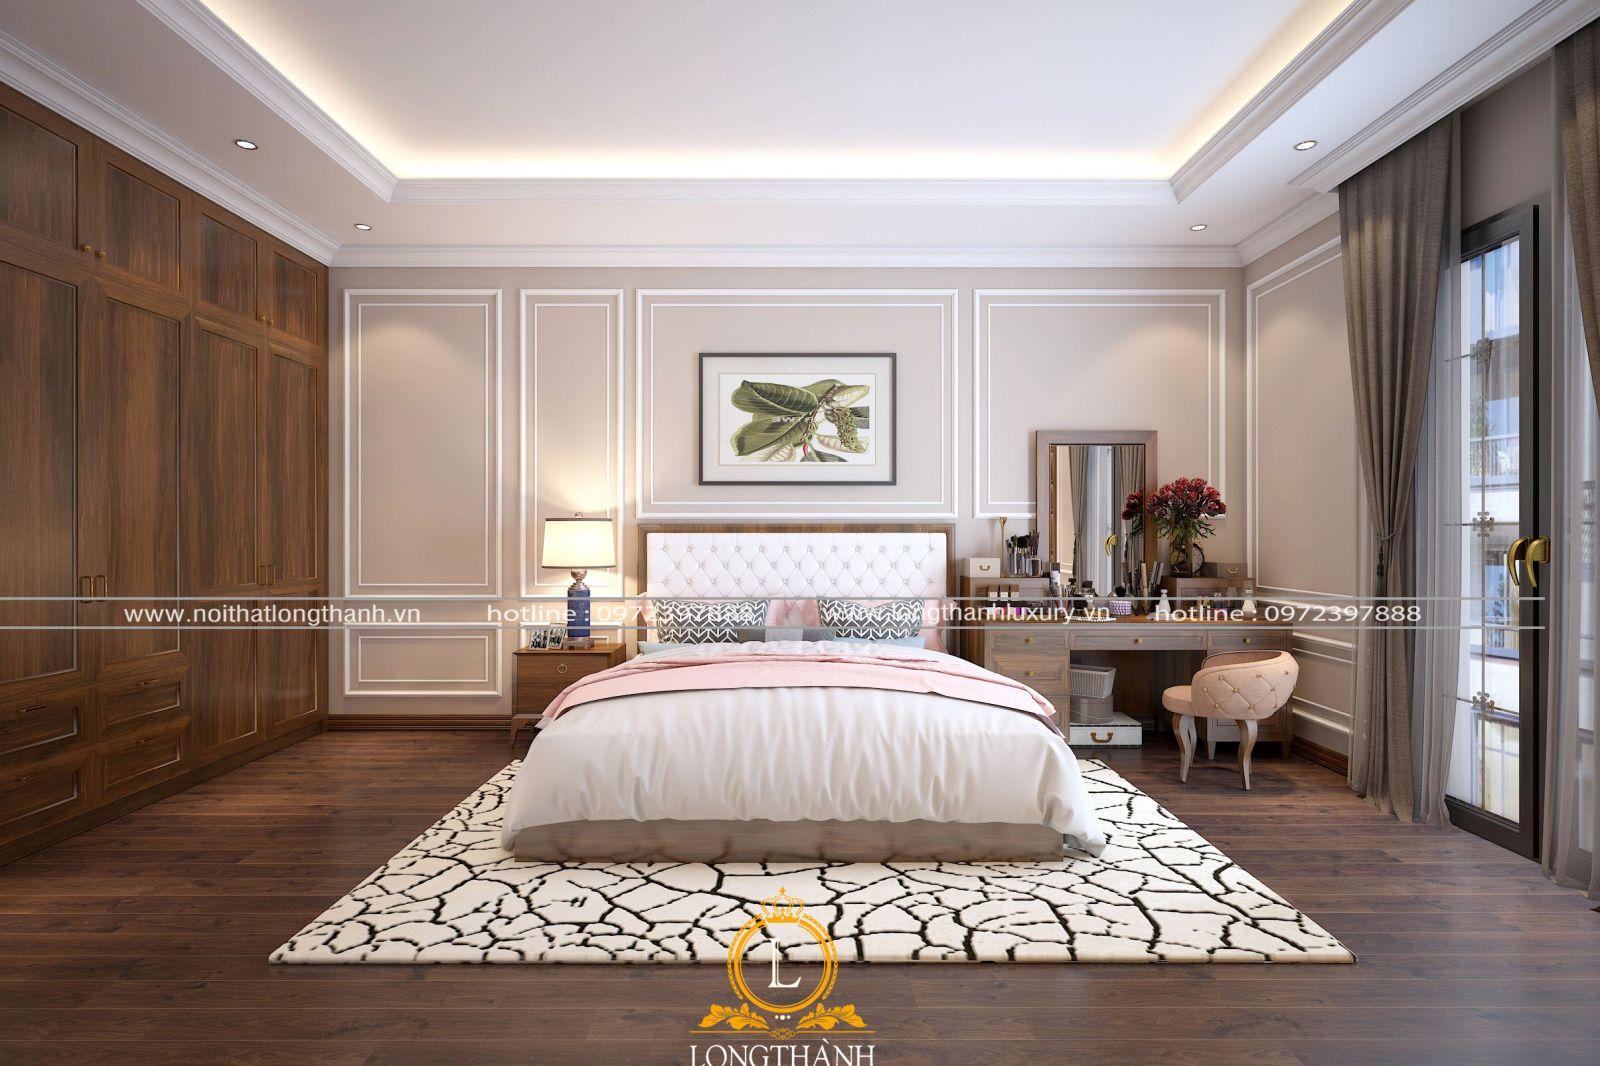 Mẫu giường ngủ bọc da hiện đại sang chảnh cho phòng ngủ bé gái